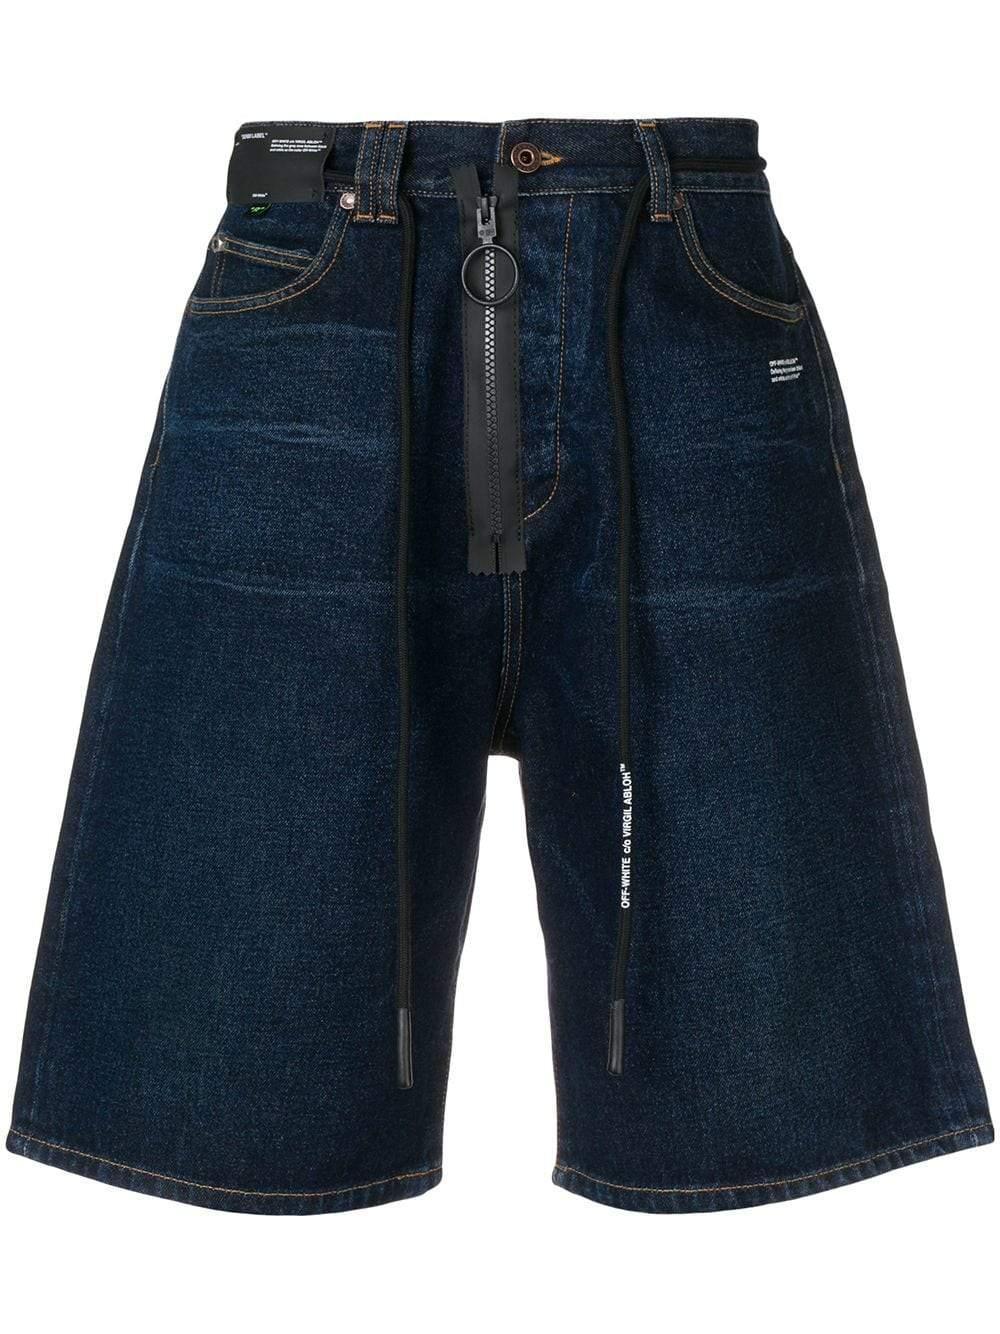 5f8674dcf8f0 Lyst - Off-White c o Virgil Abloh Shorts in Blue for Men